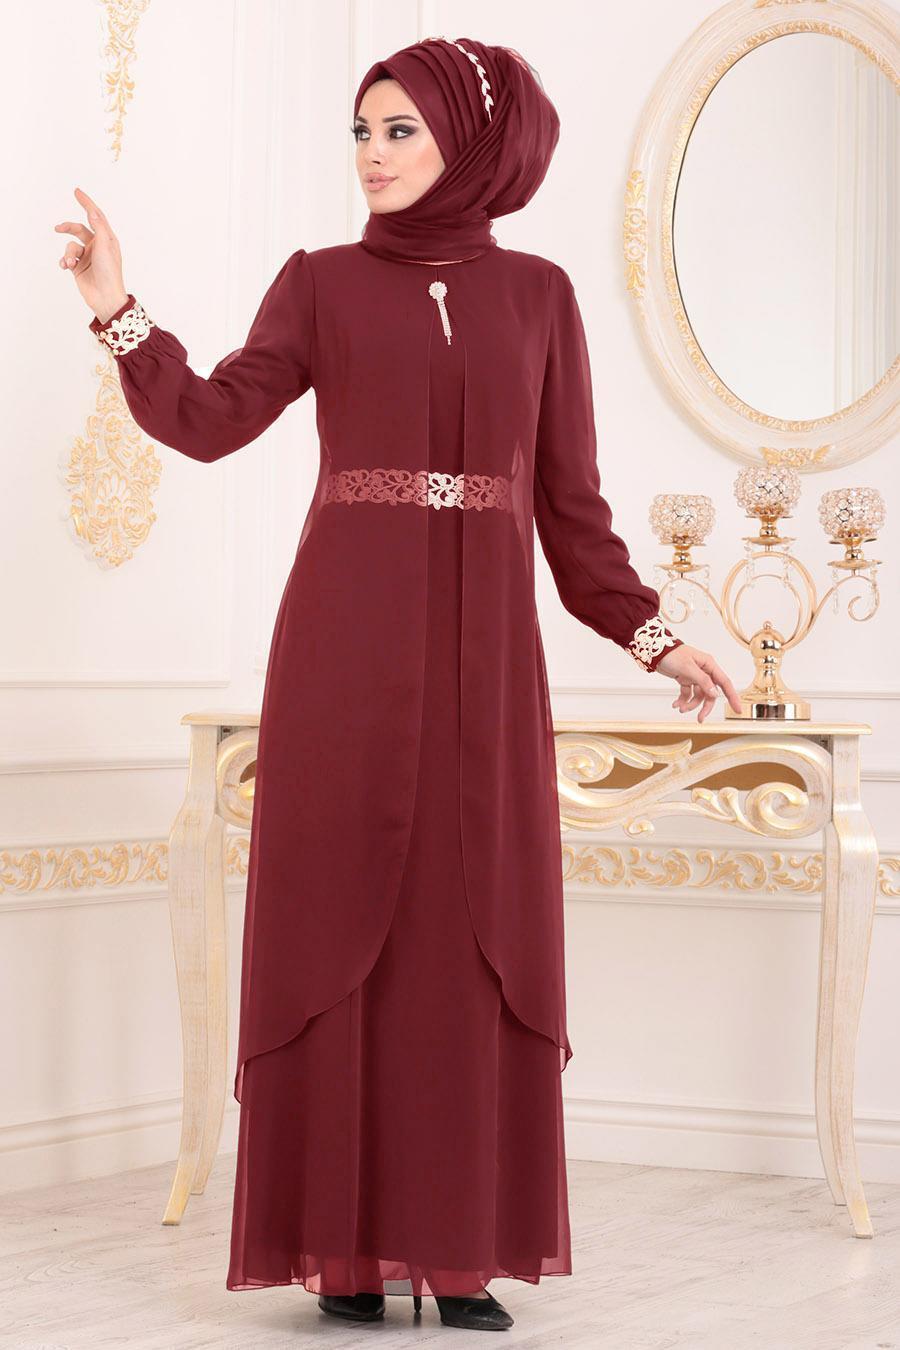 Nayla Collection - Dantel Detaylı Tüllü Bordo Tesettür Abiye Elbise 95843BR